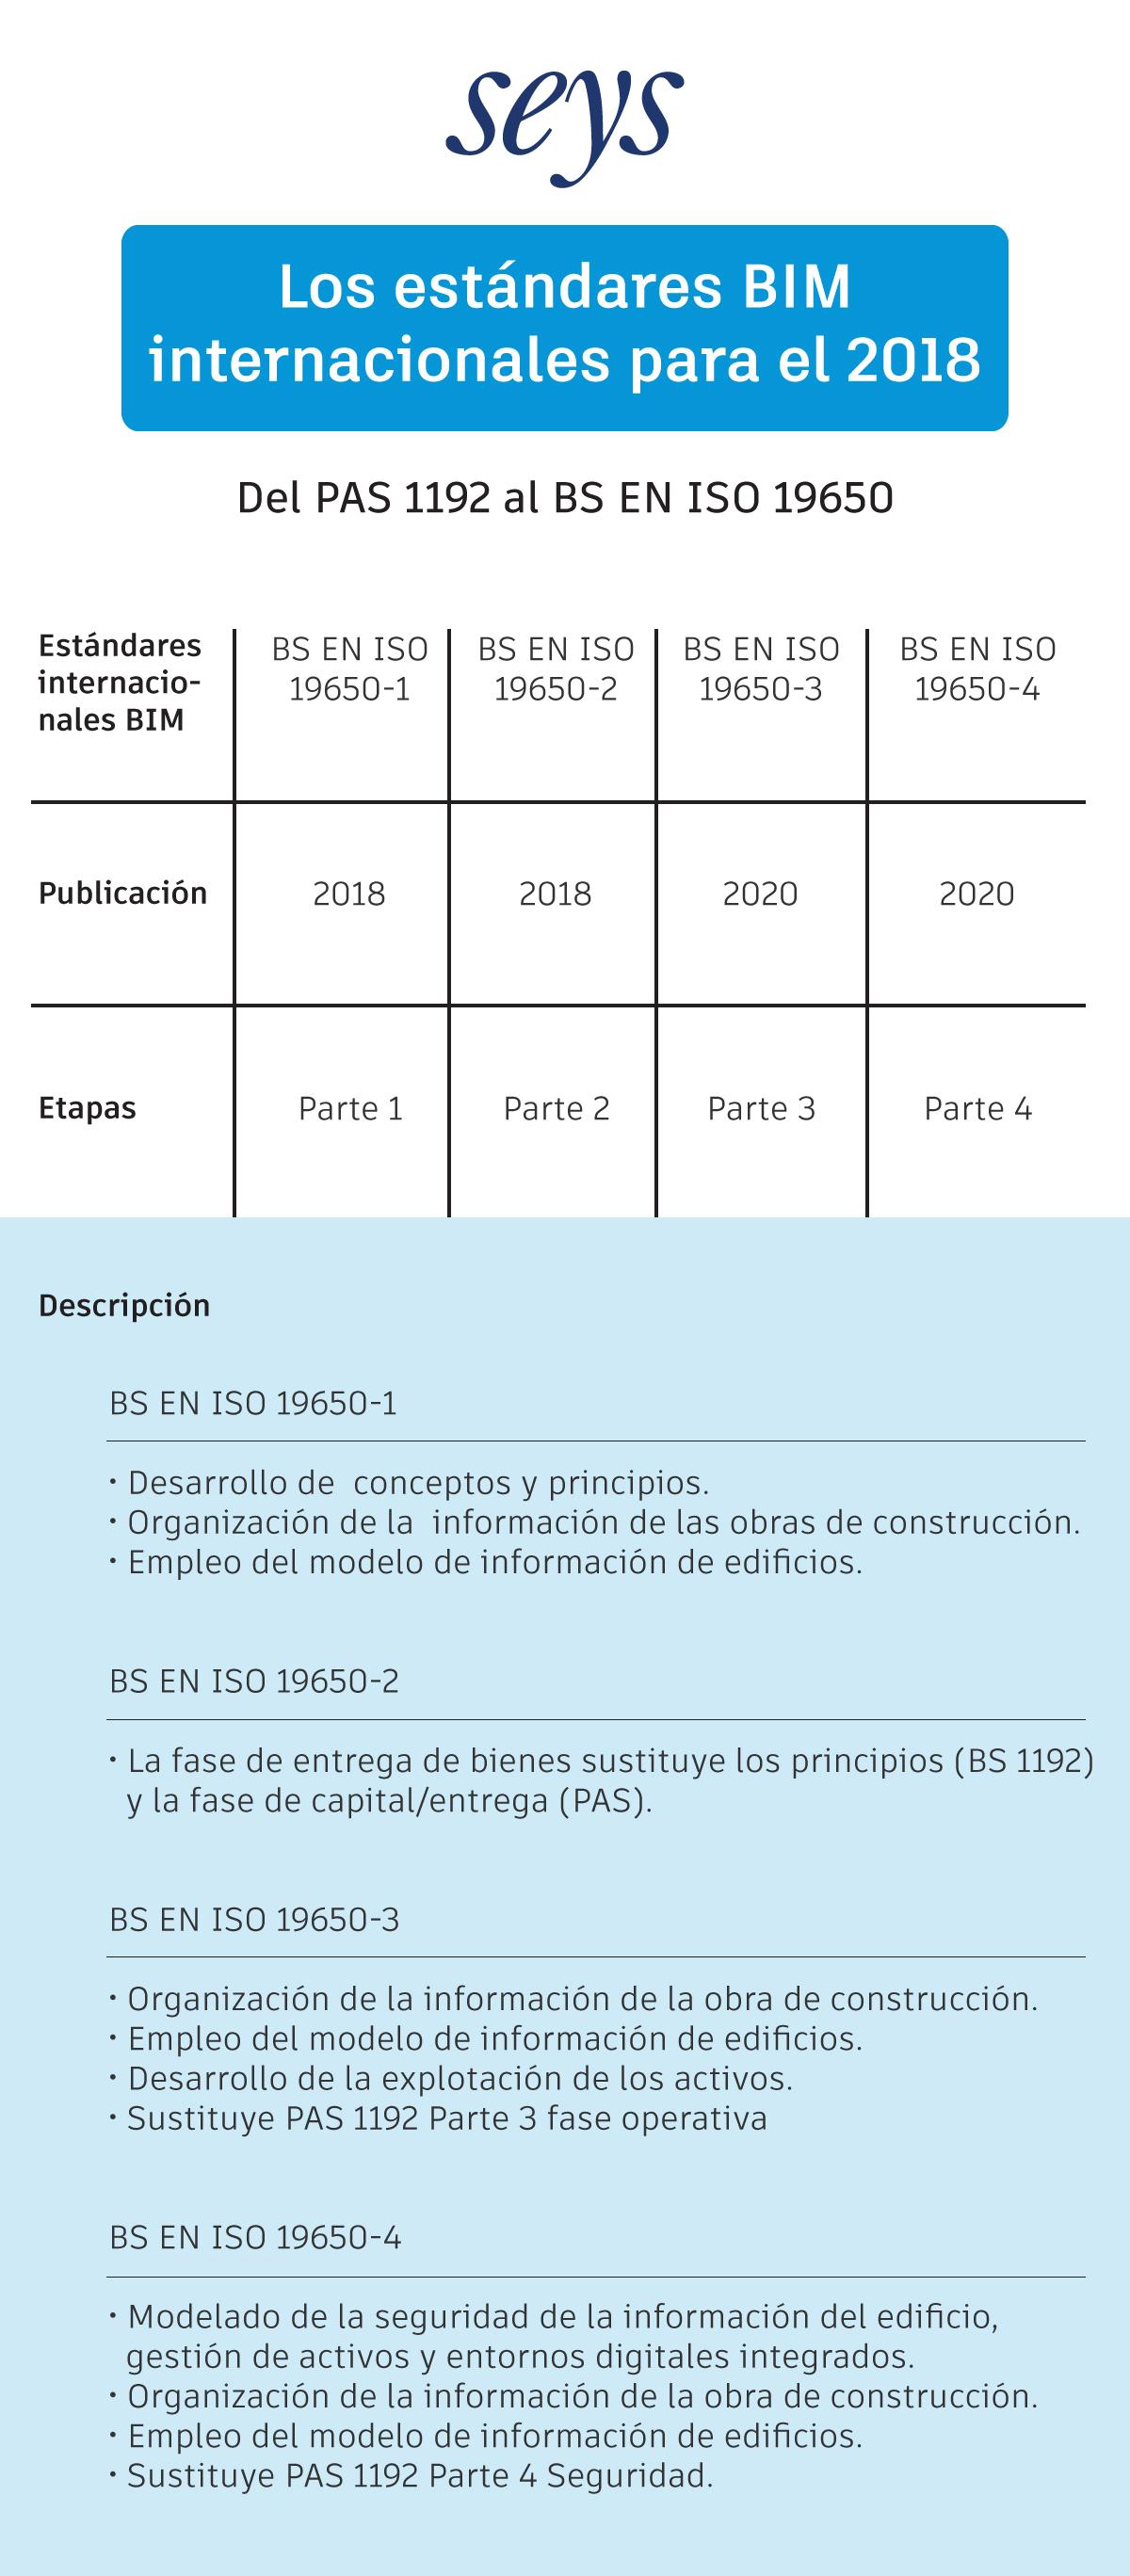 estándares BIM-normas-BIM-internacionales-2018